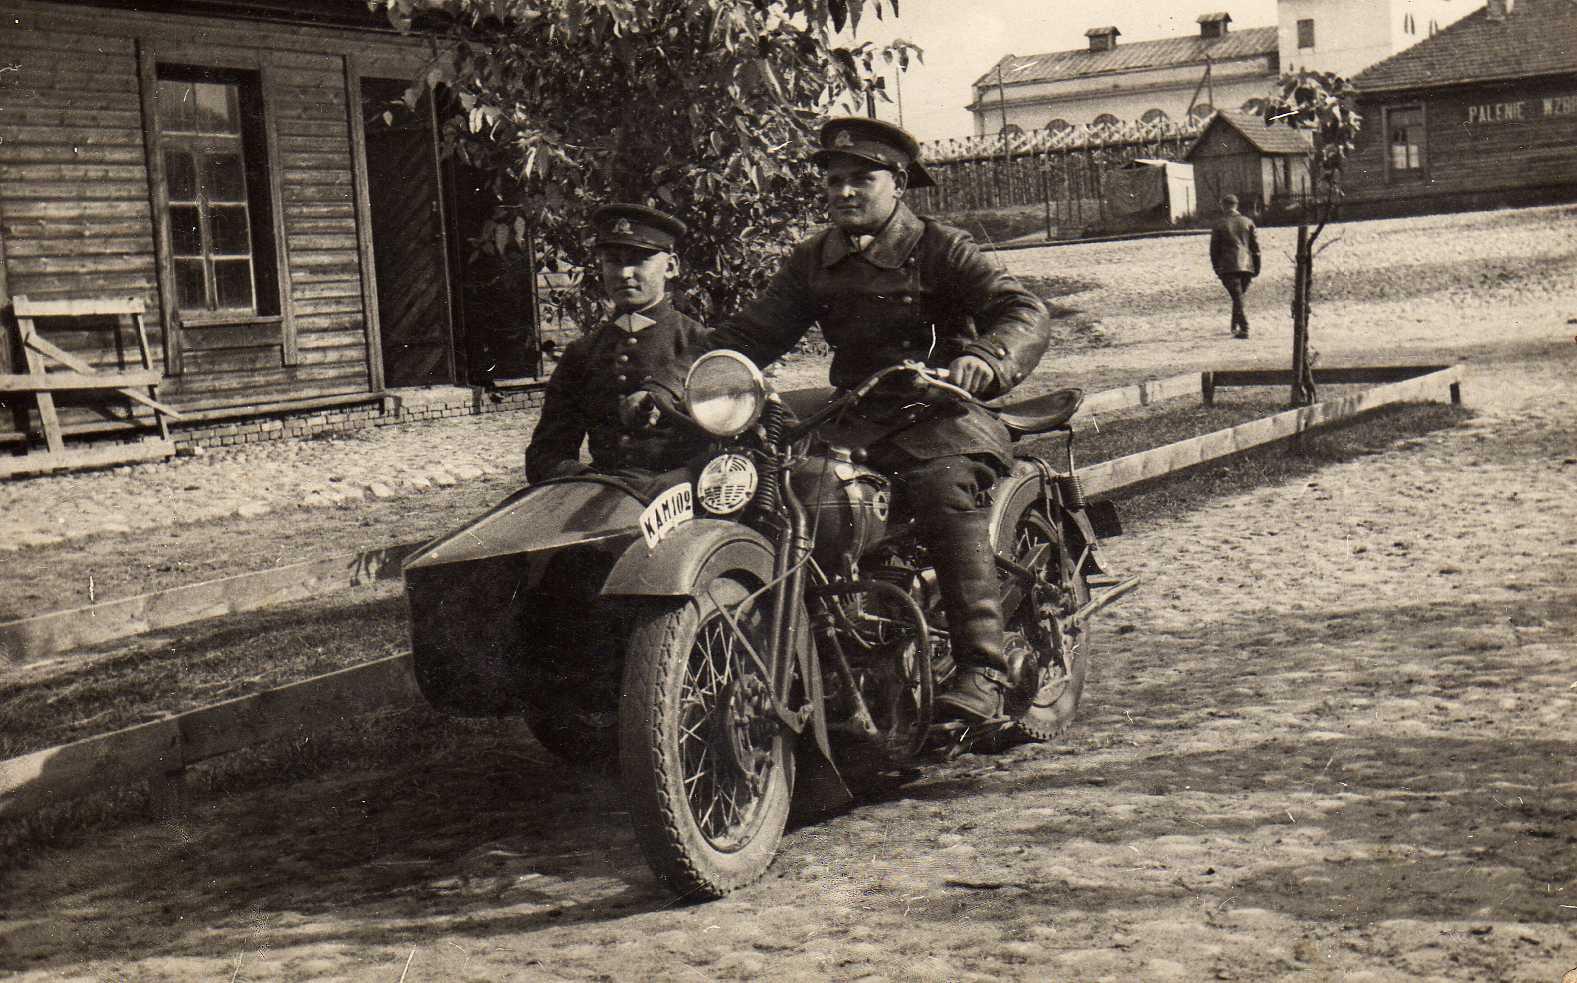 Profesoriaus, agronomo Petro Vasinausko brolis Kazimieras Vasinauskas vairuoja motociklą. Apie 1942 m.